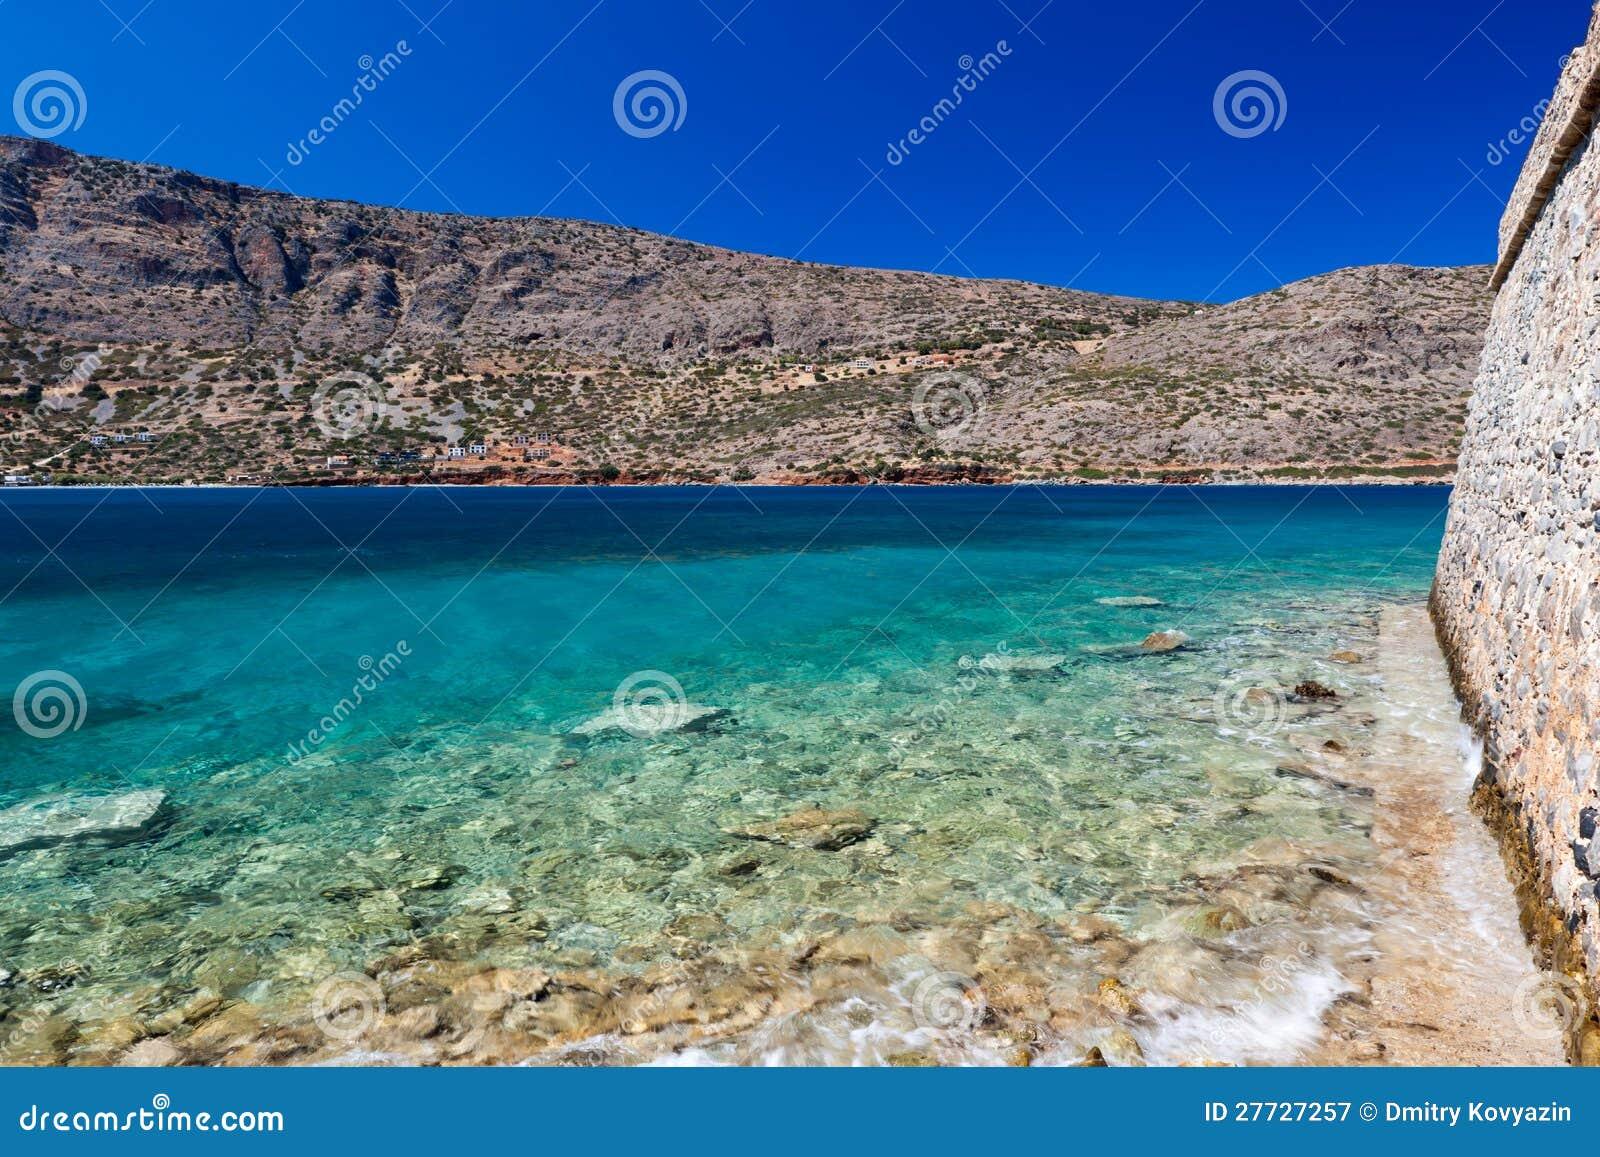 Die Inselfestung von Spinalonga